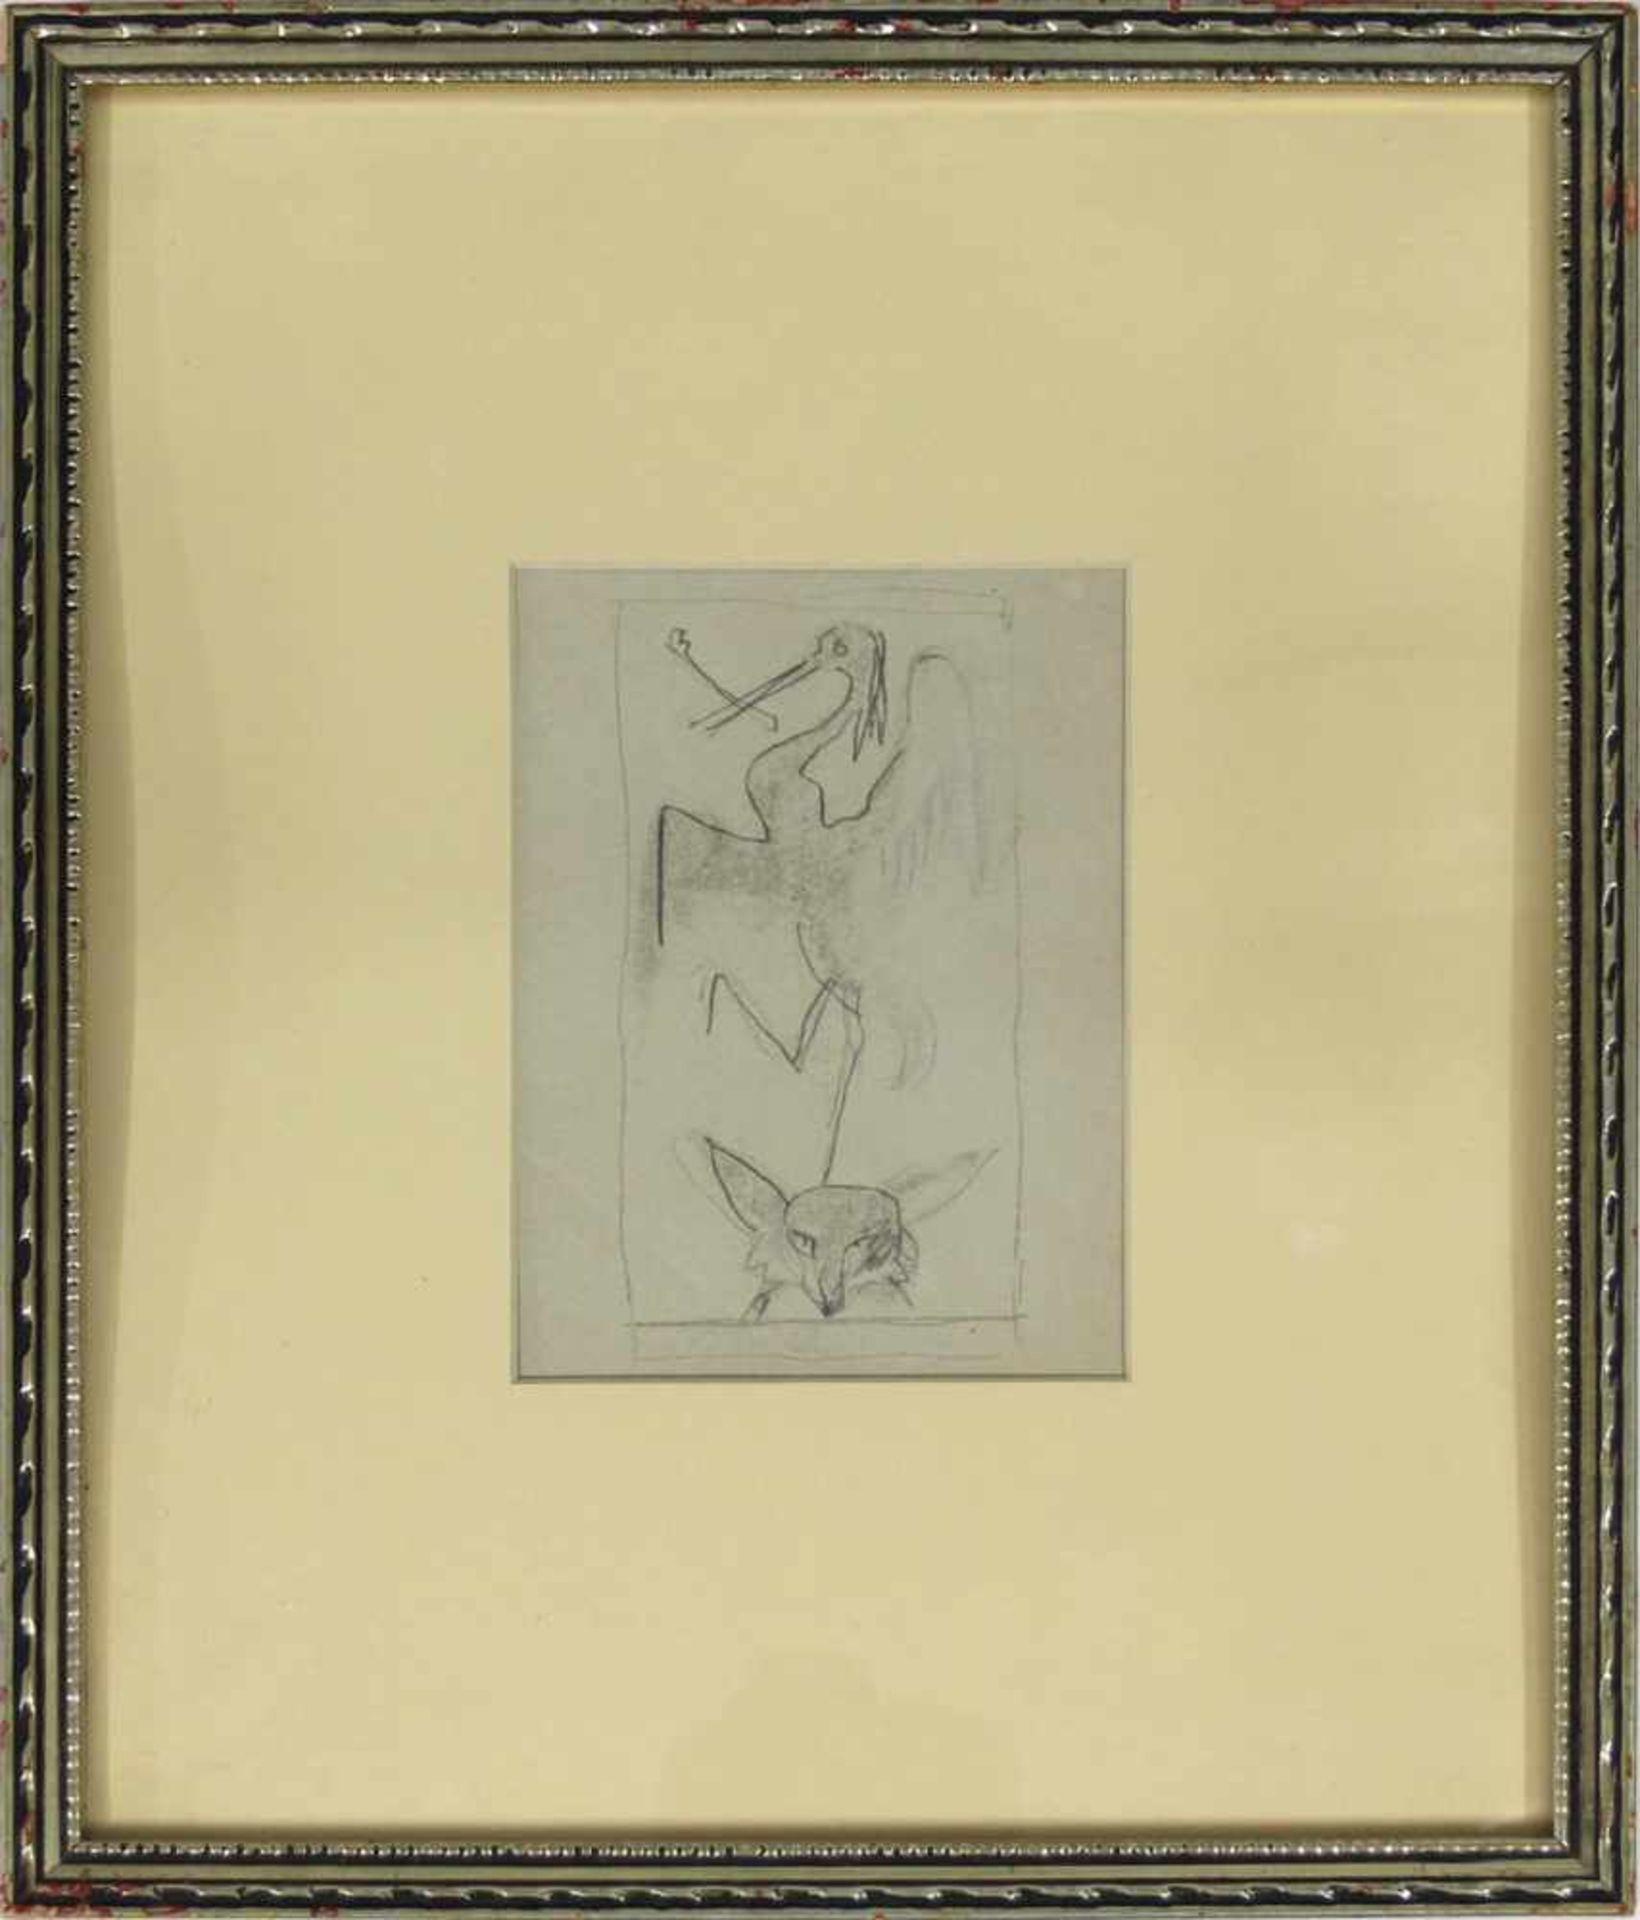 Ludwig Heinrich Jungnickel 1881-1965 Reier & Fuchs Graphit 16 x 12,5 - Bild 2 aus 3